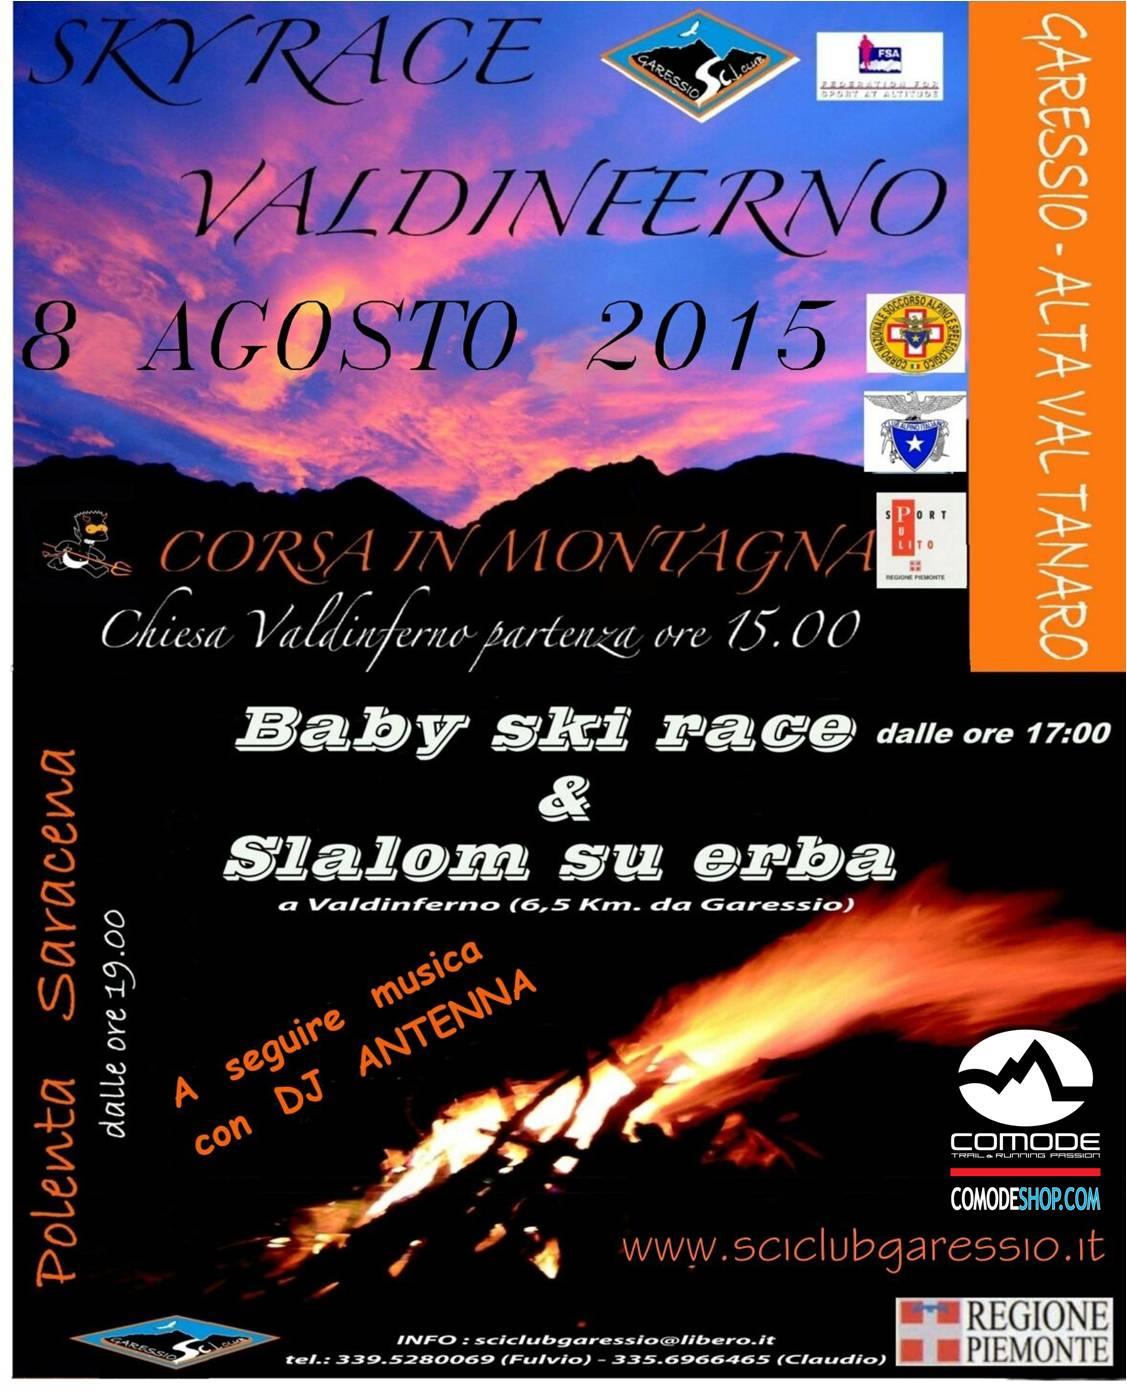 sky_race_valdinferno_08_08_2015_volantino_fronte_logo_comode